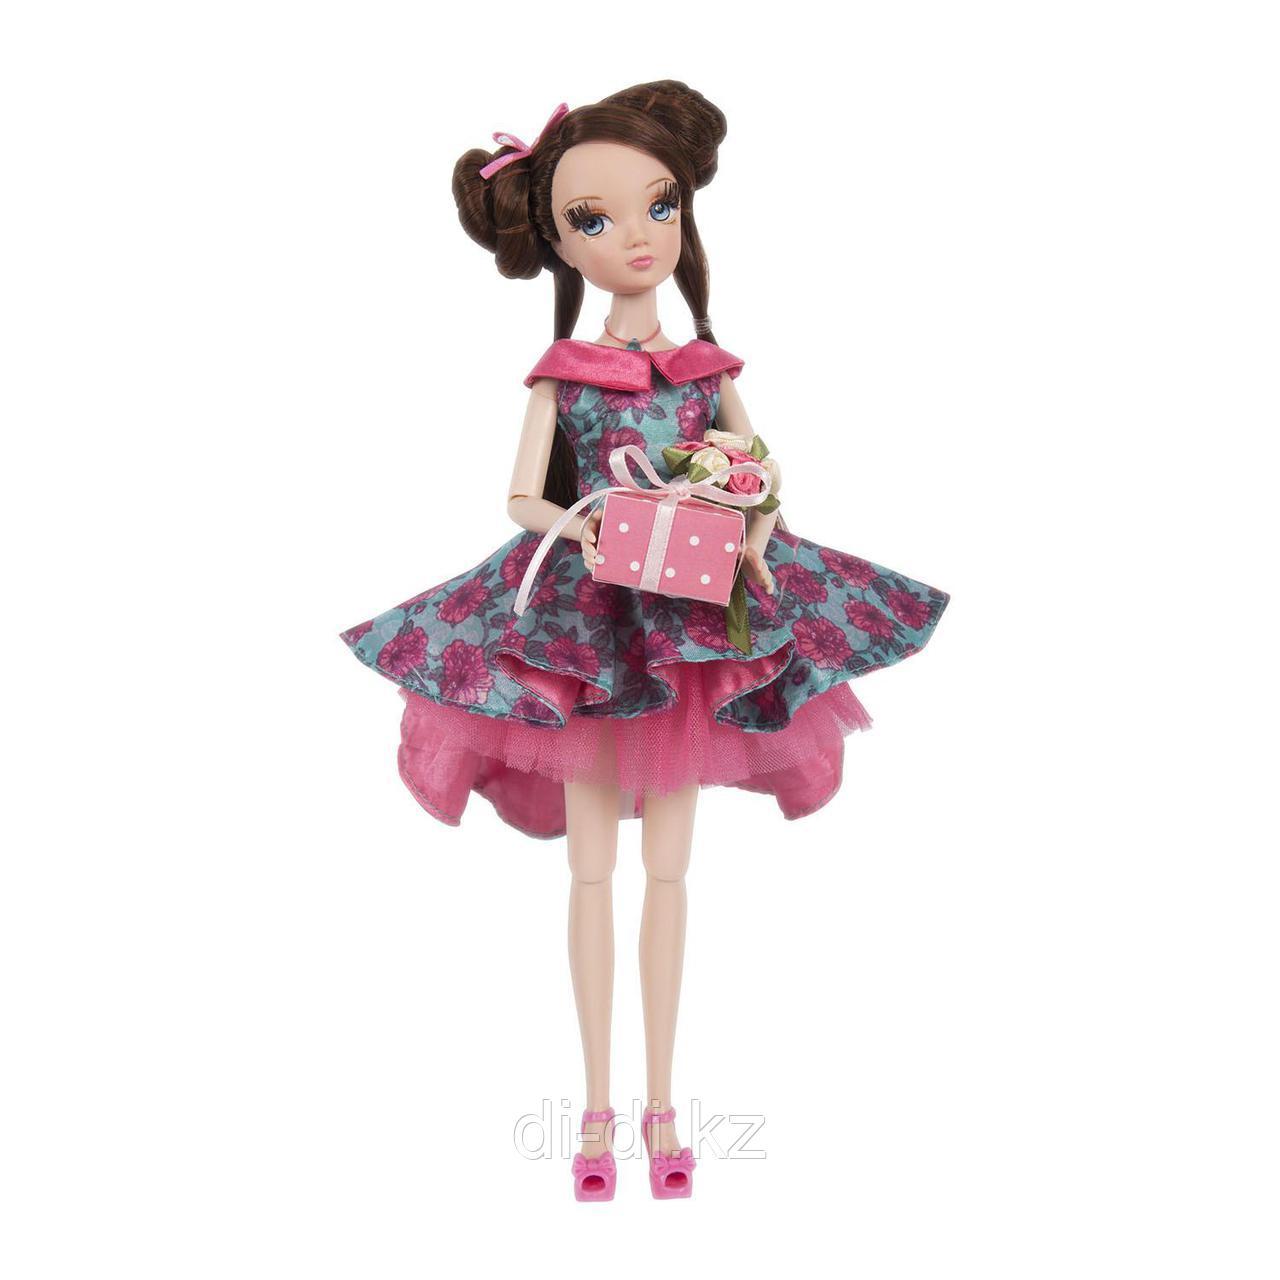 Кукла Sonya Rose серии Daily collection (Вечеринка - день рождения) - фото 1